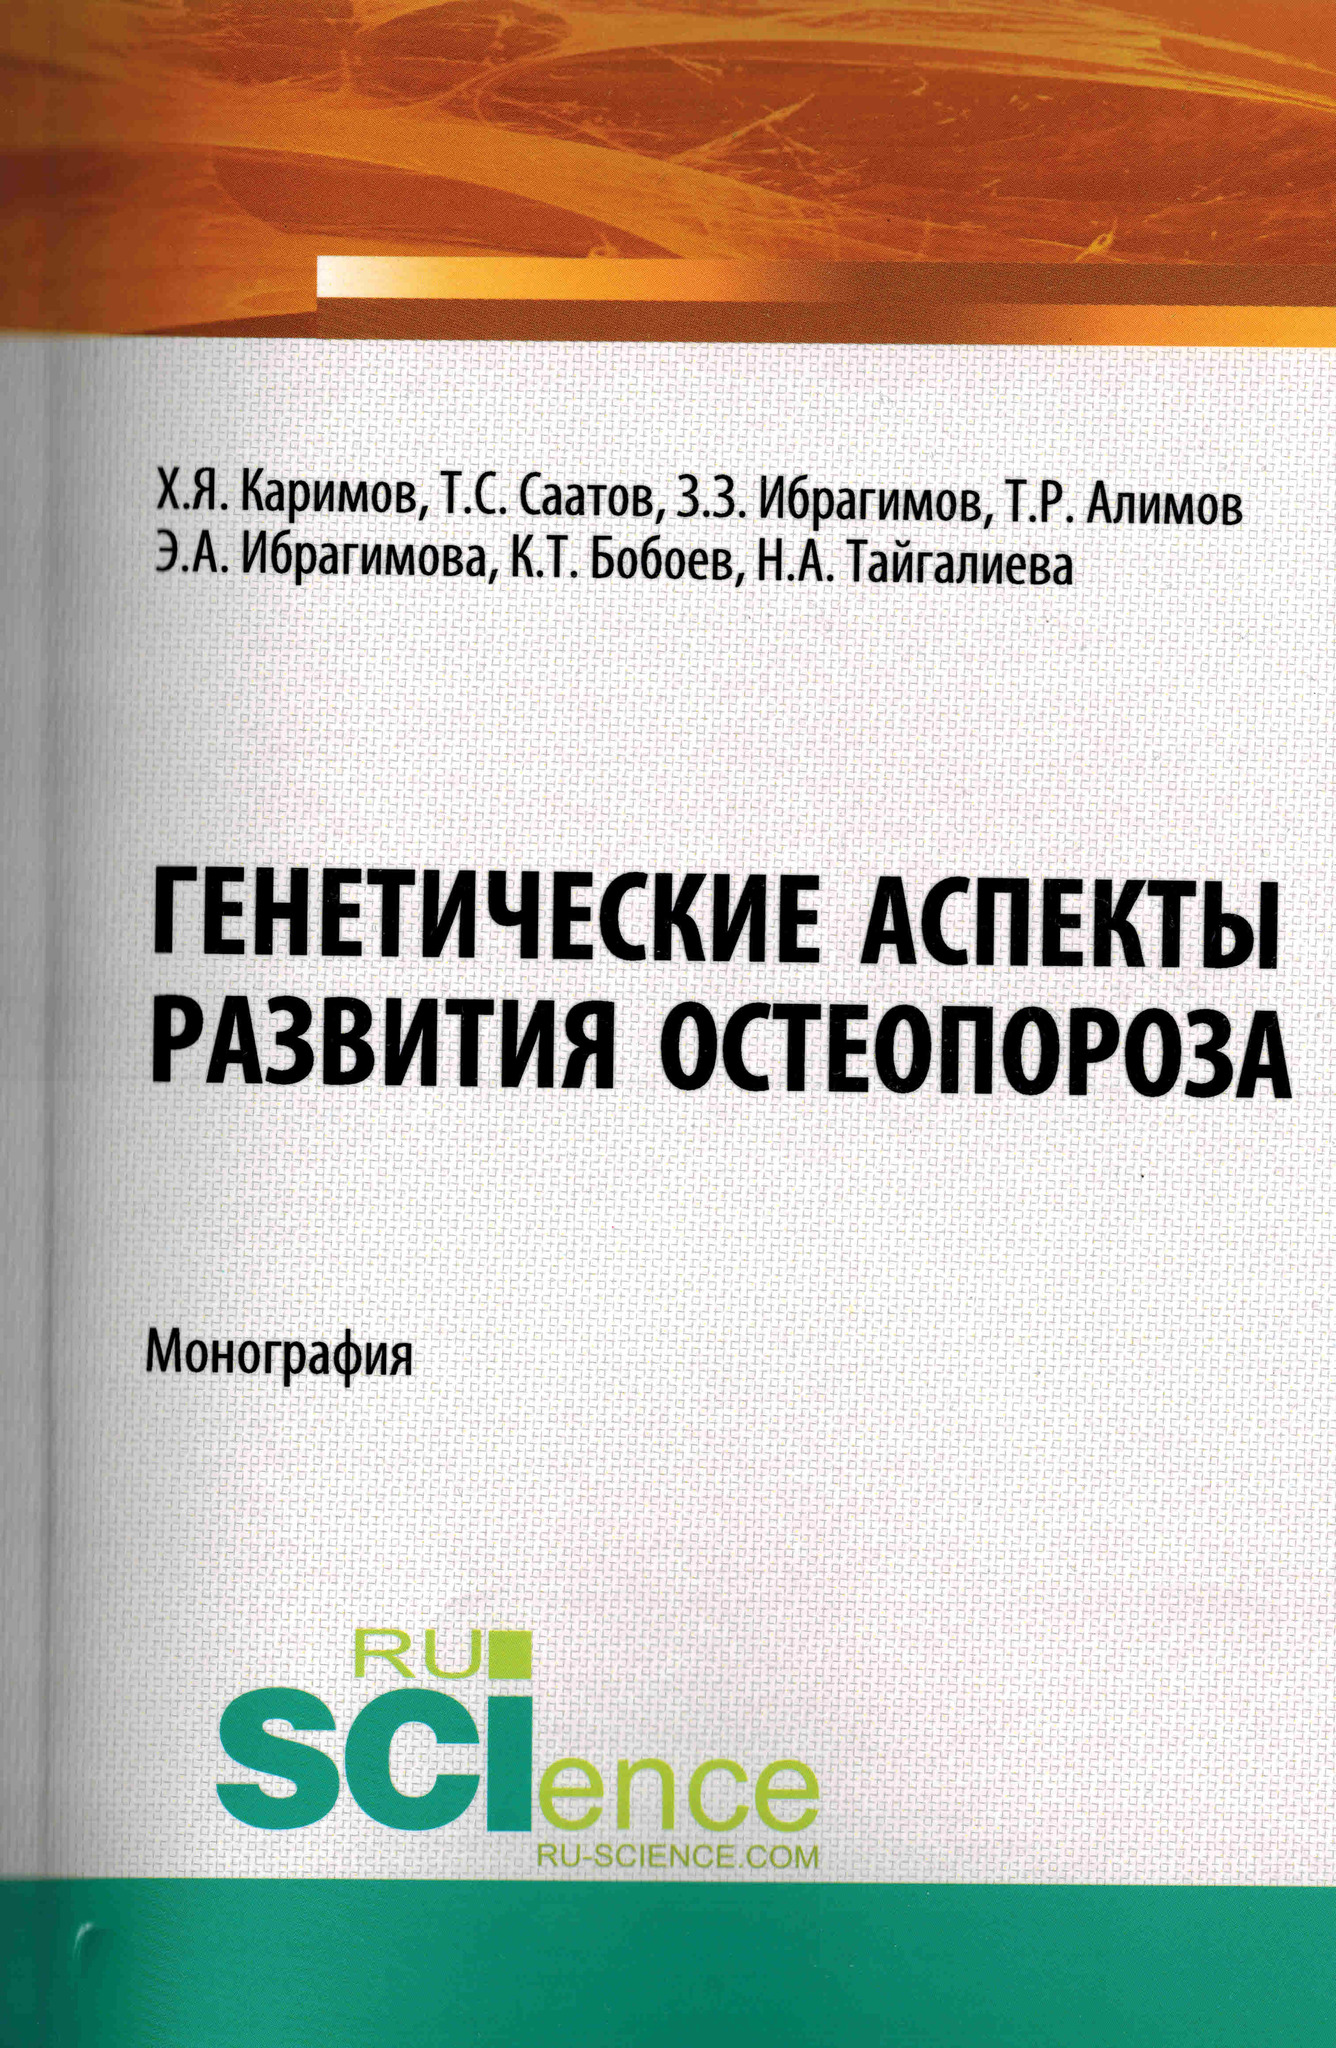 Книги по эндокринологии Генетические аспекты развития остеопороза garo.jpg